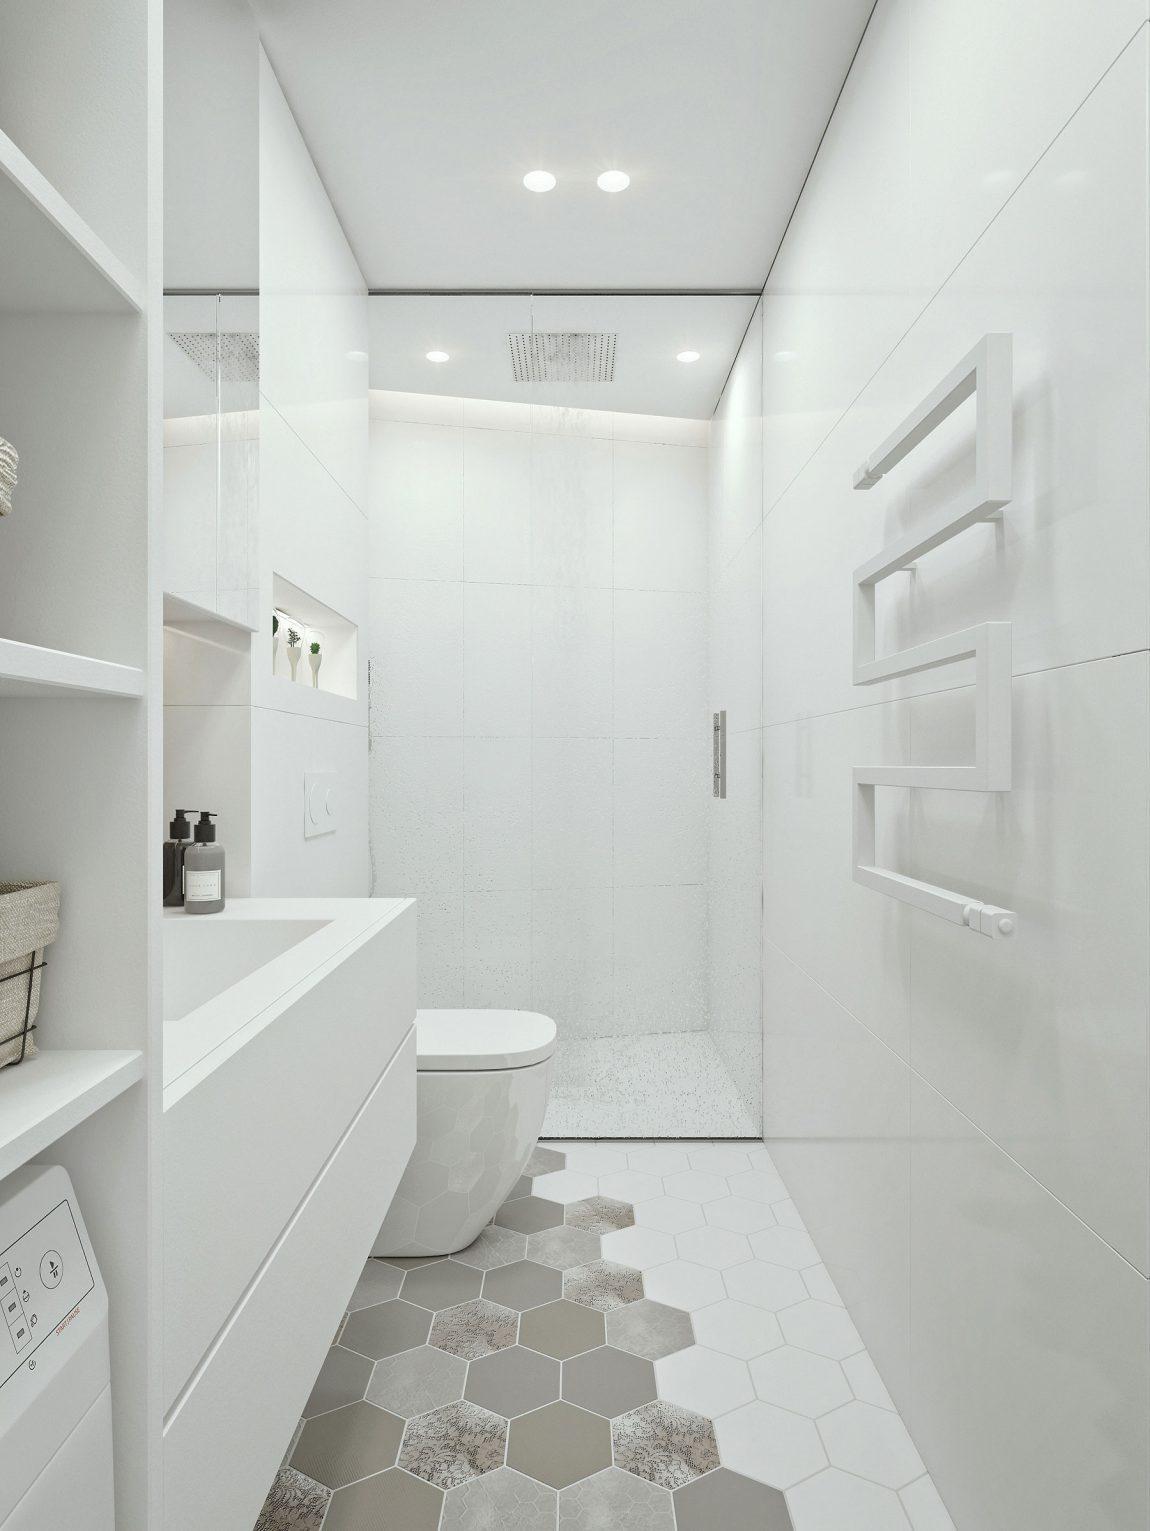 Genoeg Moderne witte badkamer met inloopdouche en washok | Huis-inrichten.com #PZ79